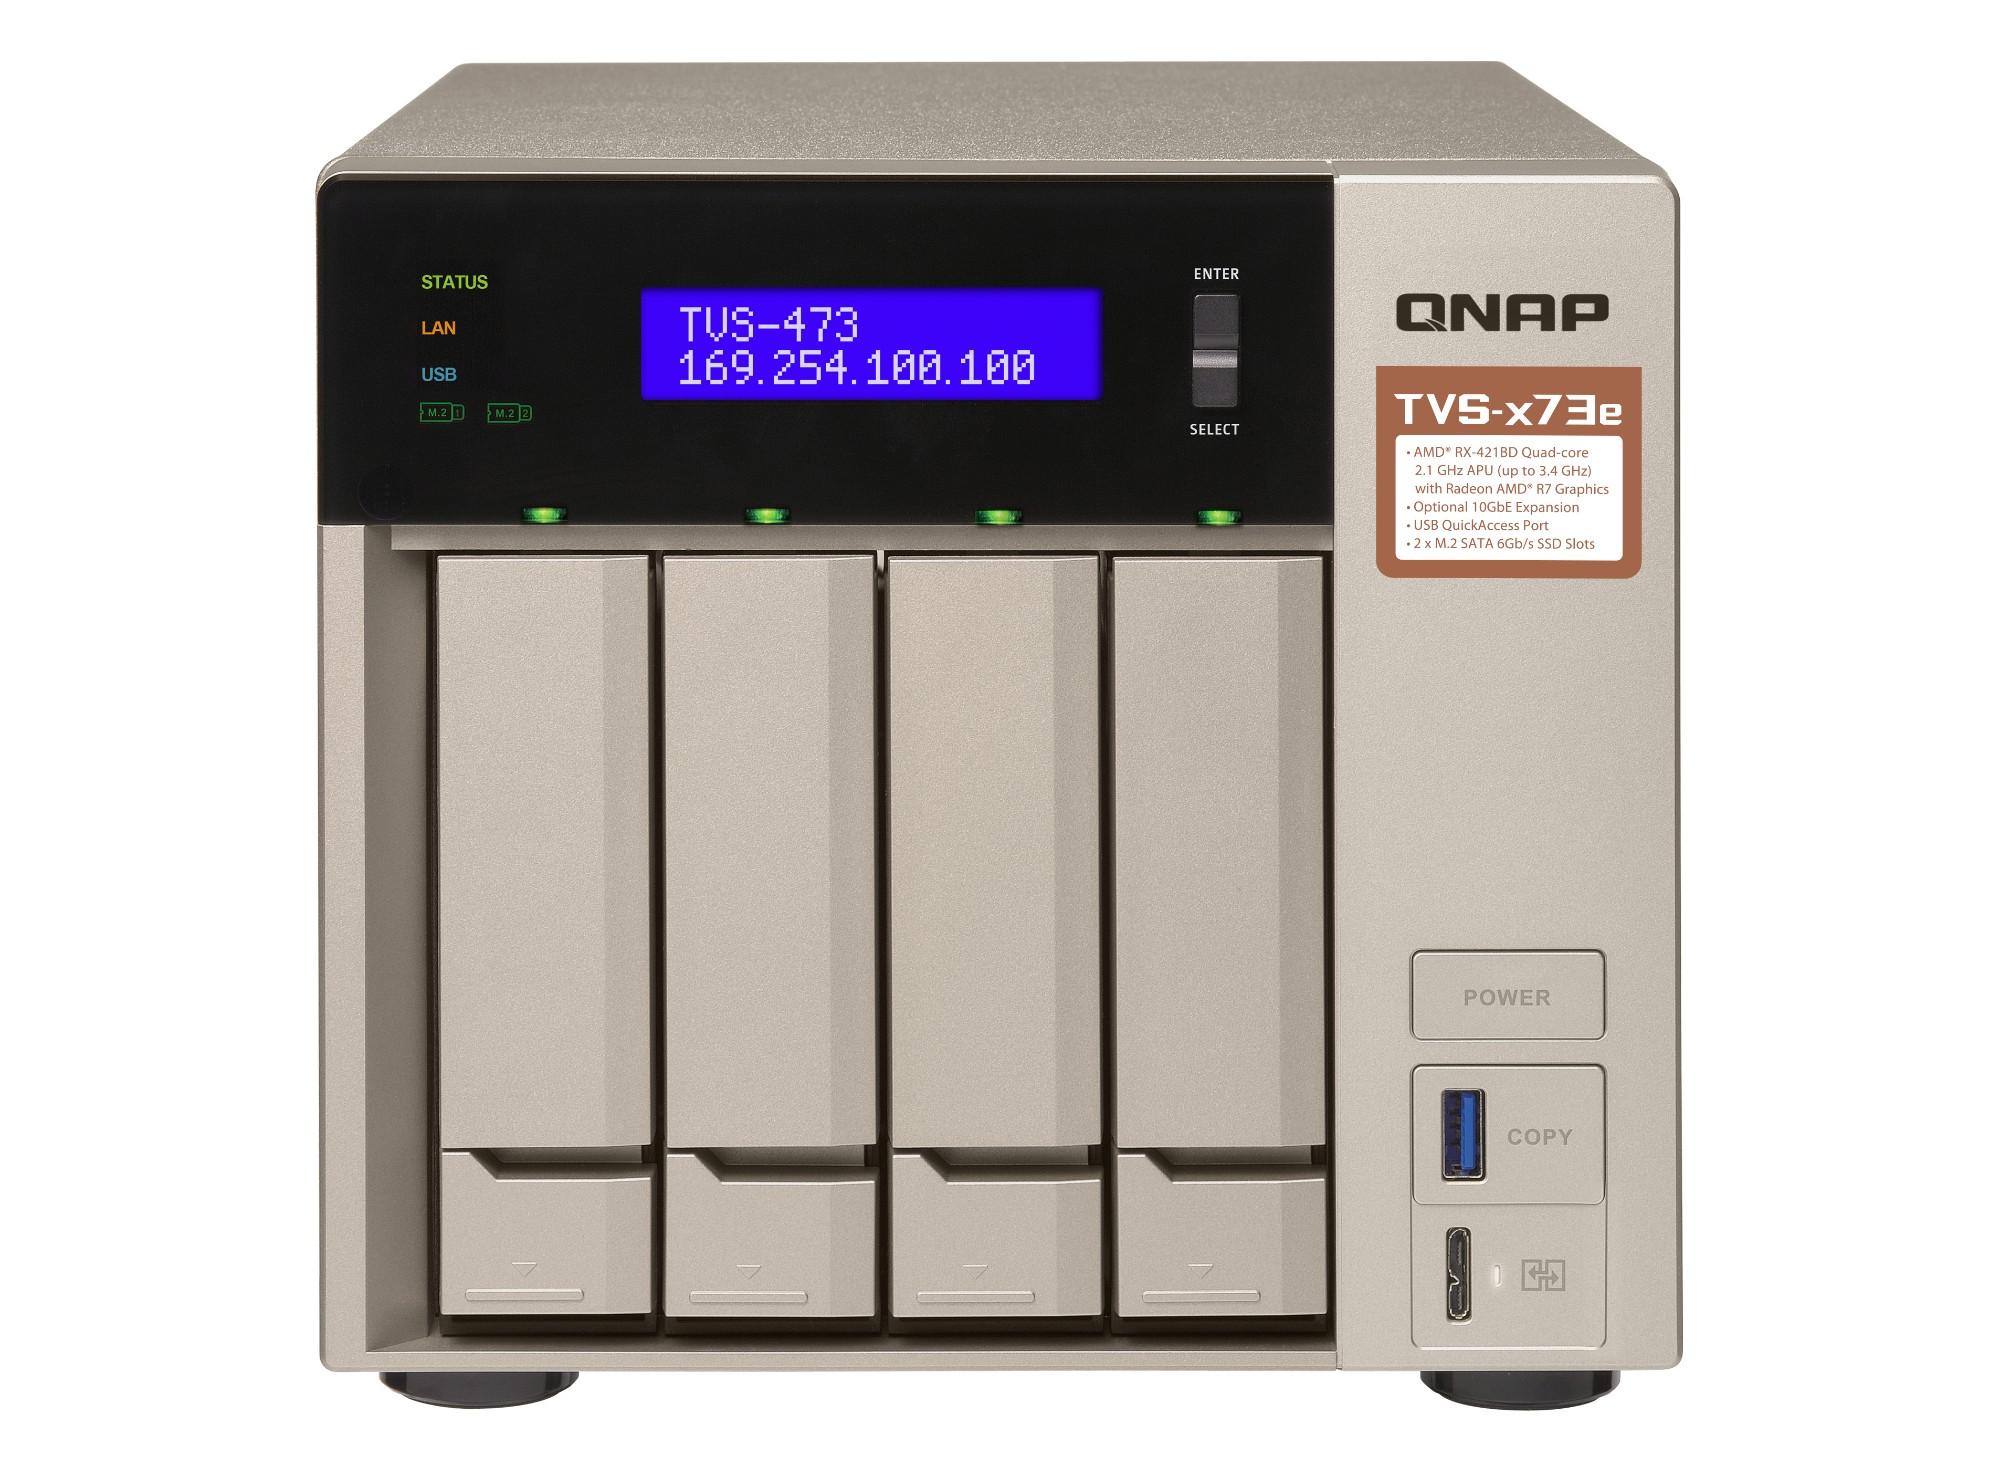 Schema Collegamento Ethernet : Qnap tvs 473e collegamento ethernet lan tower grey nas 18 nello